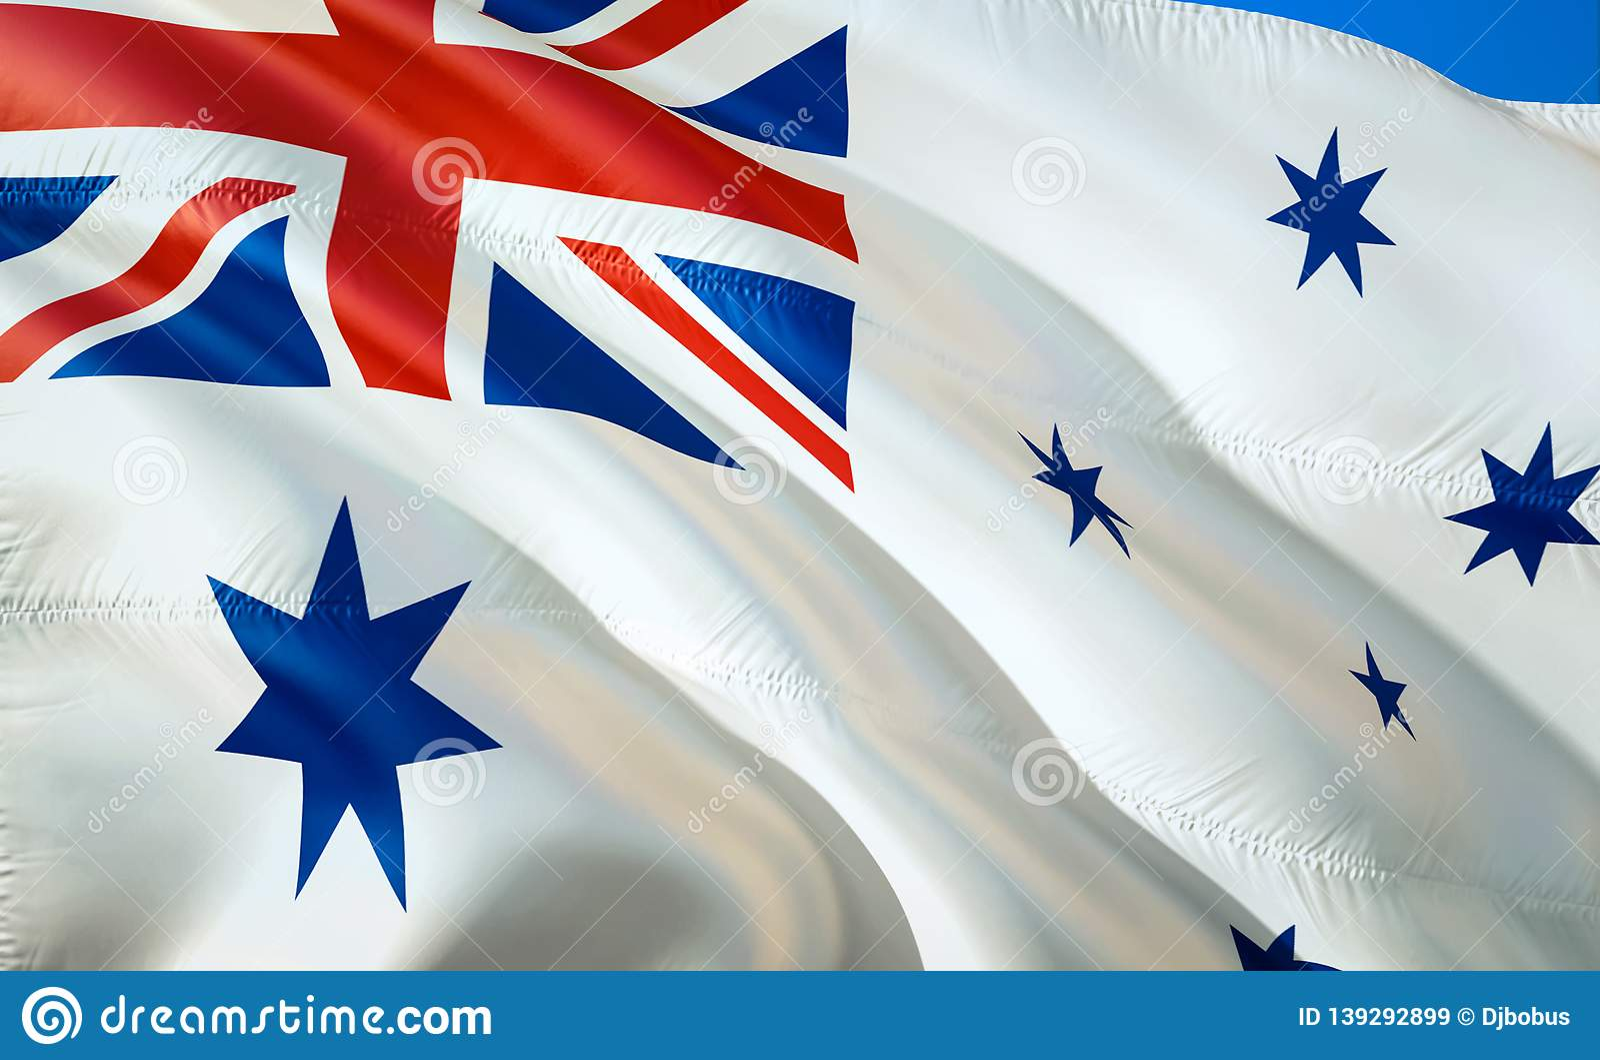 Flagge von Australien-Marinefahne wellenartig bewegendes Design der Flagge 3D r eingebürgert